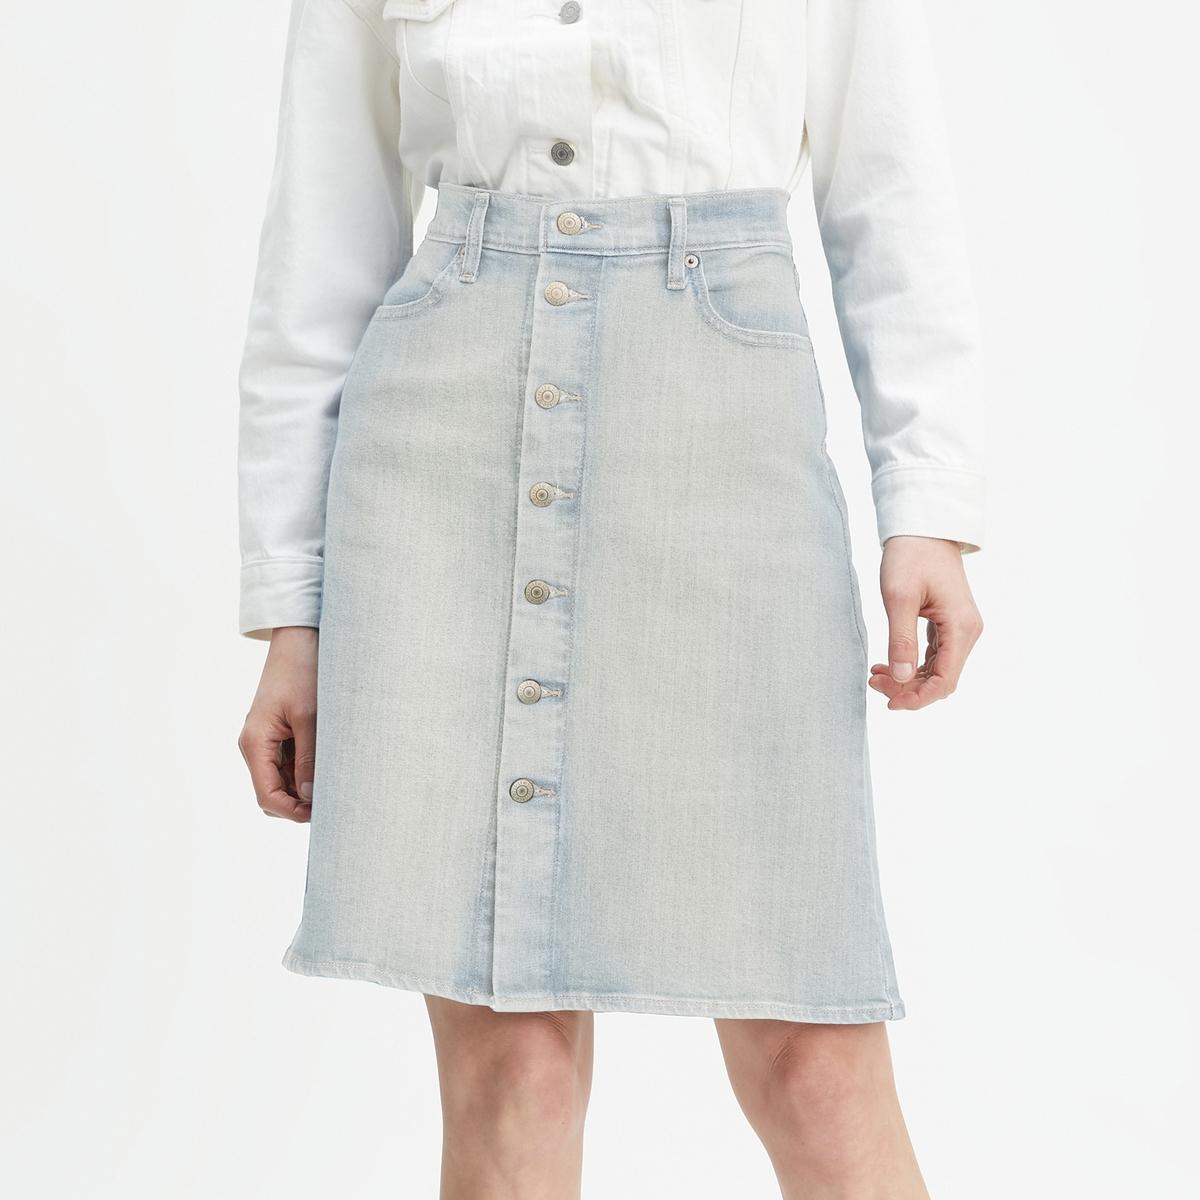 Falda recta con forma de trapecio, abotonada delante